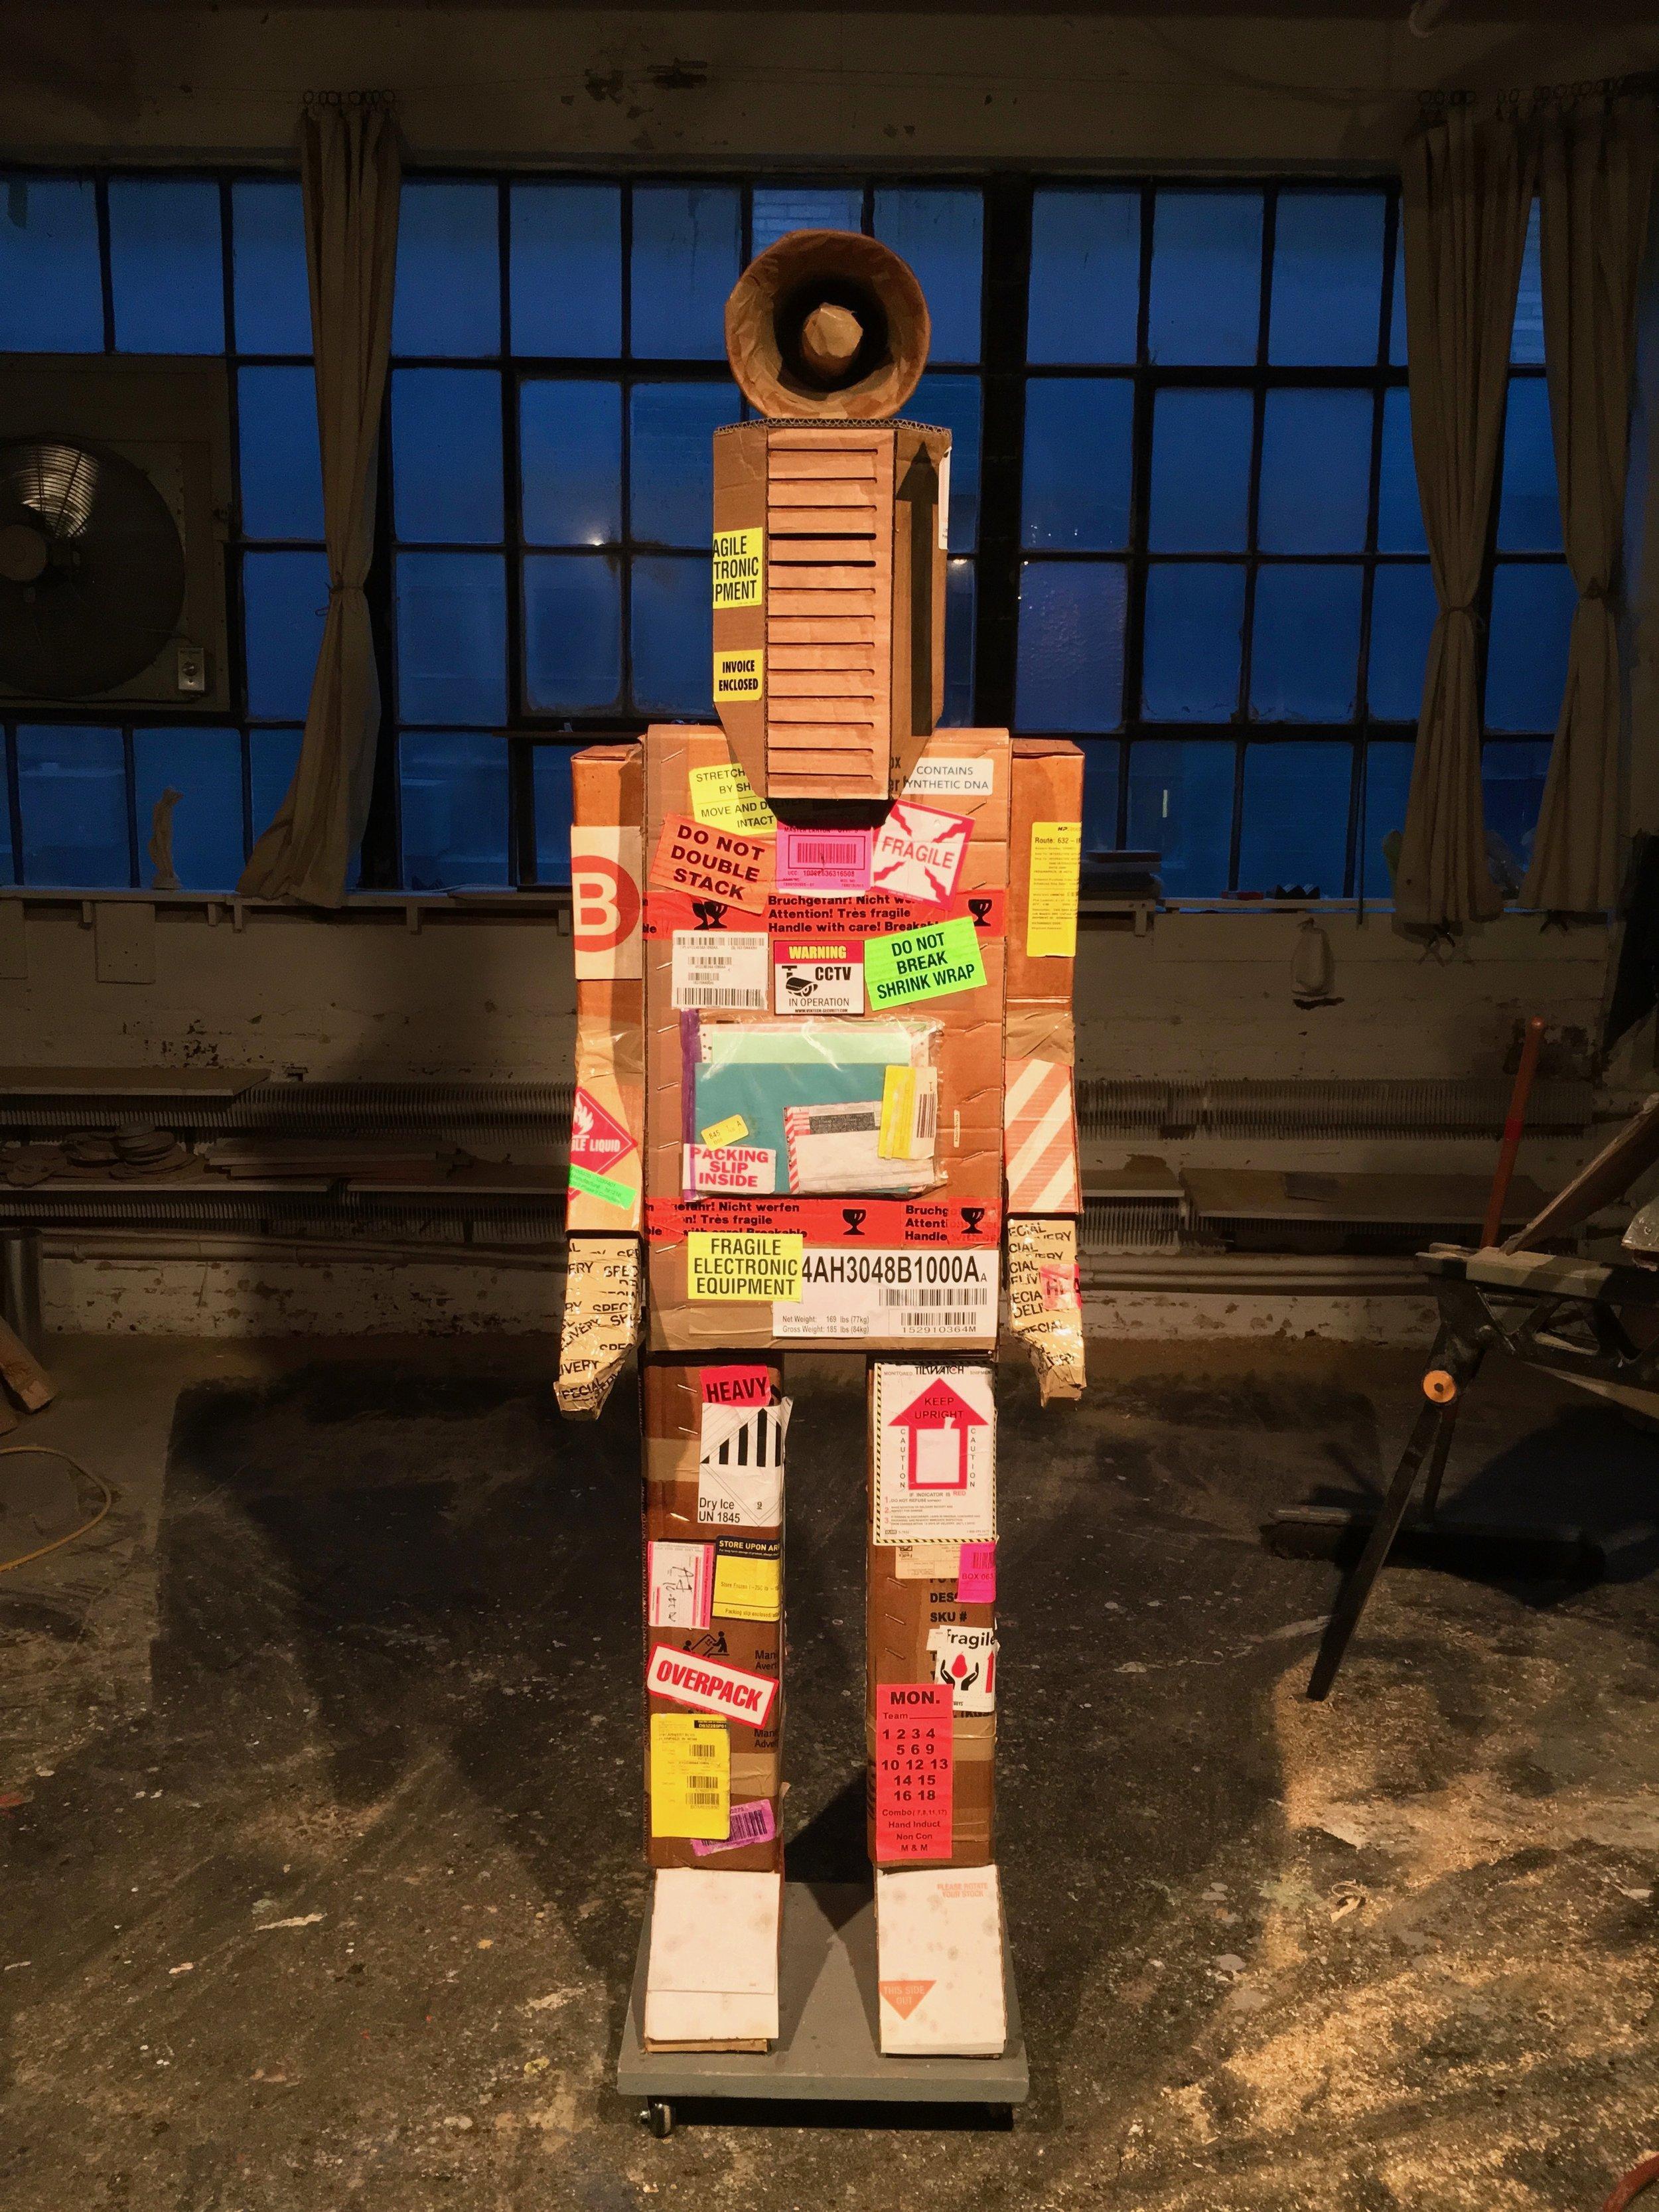 Amazon Prime Robot